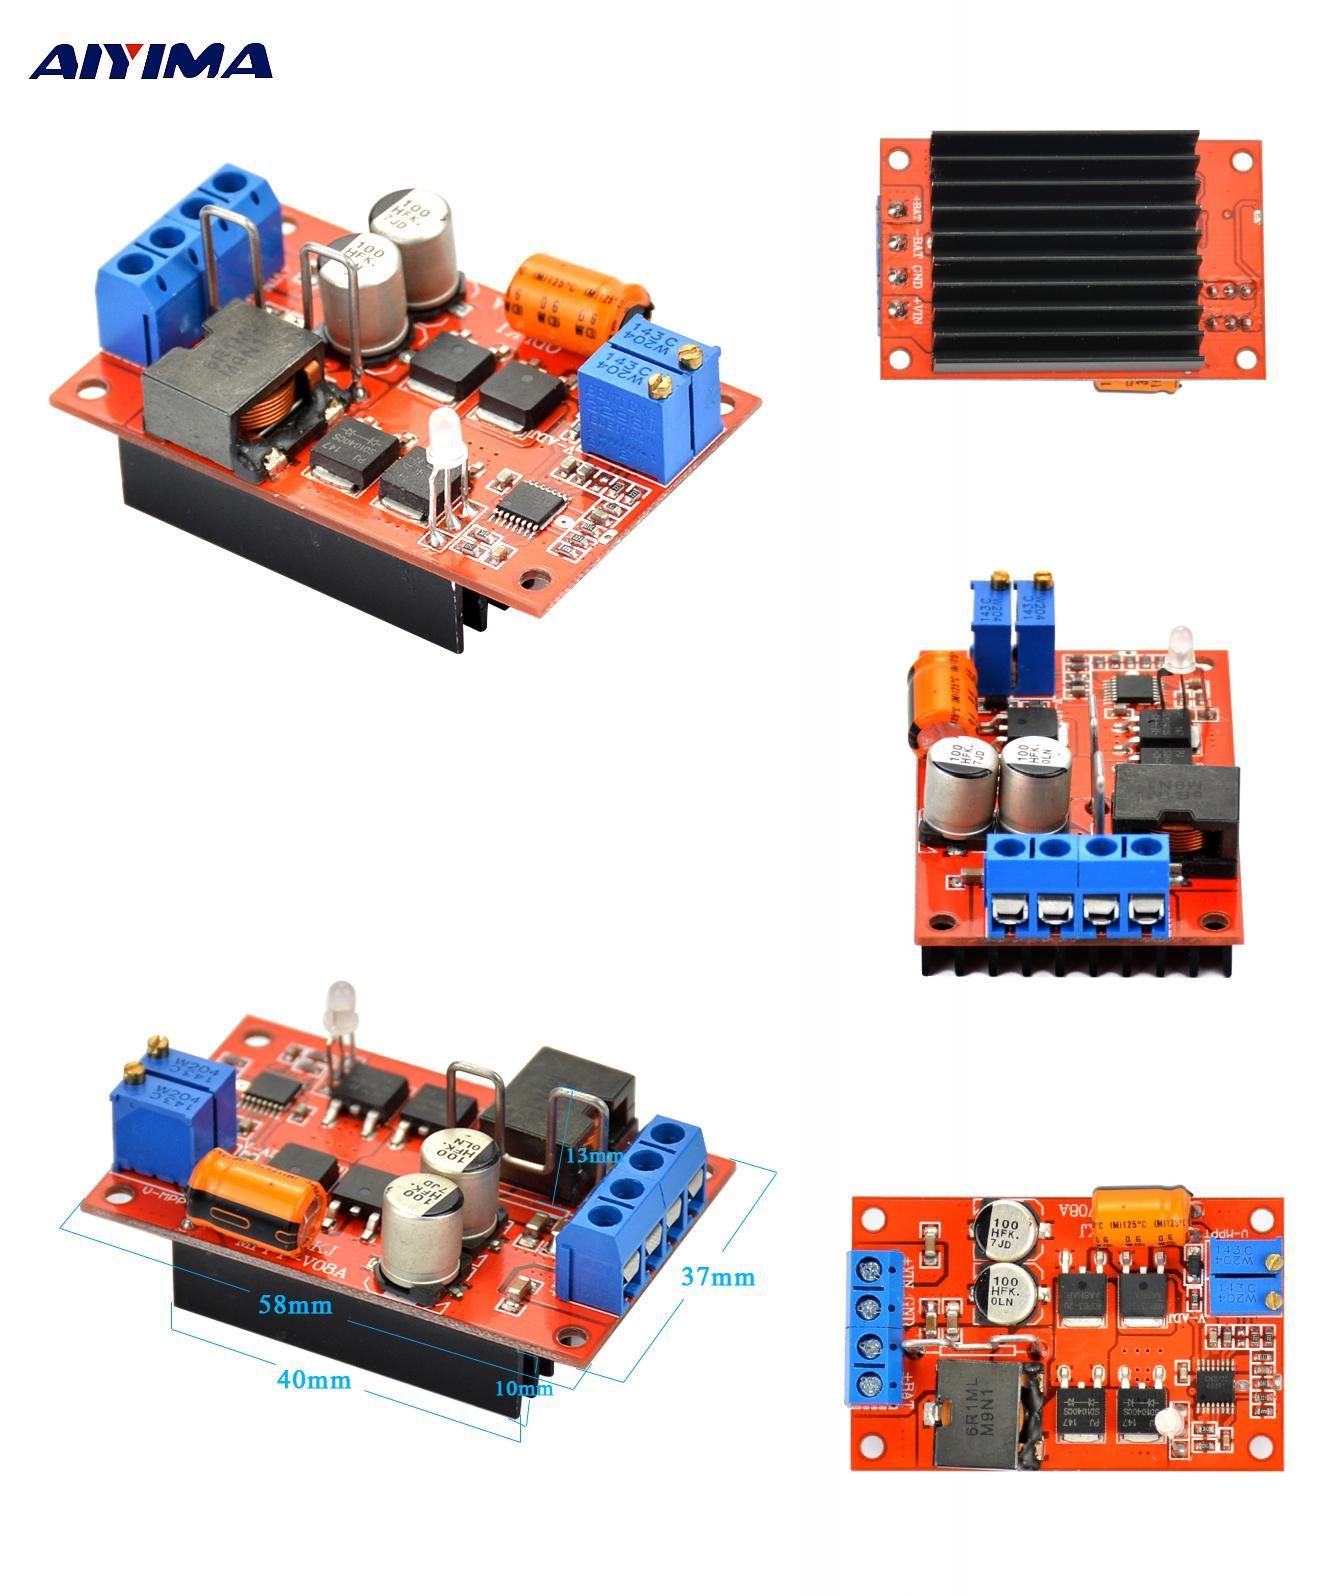 Visit To Buy Aiyima Mppt Solar Panel Regulator Controller Battery 12v 24v Charger Circuit Charging 9v